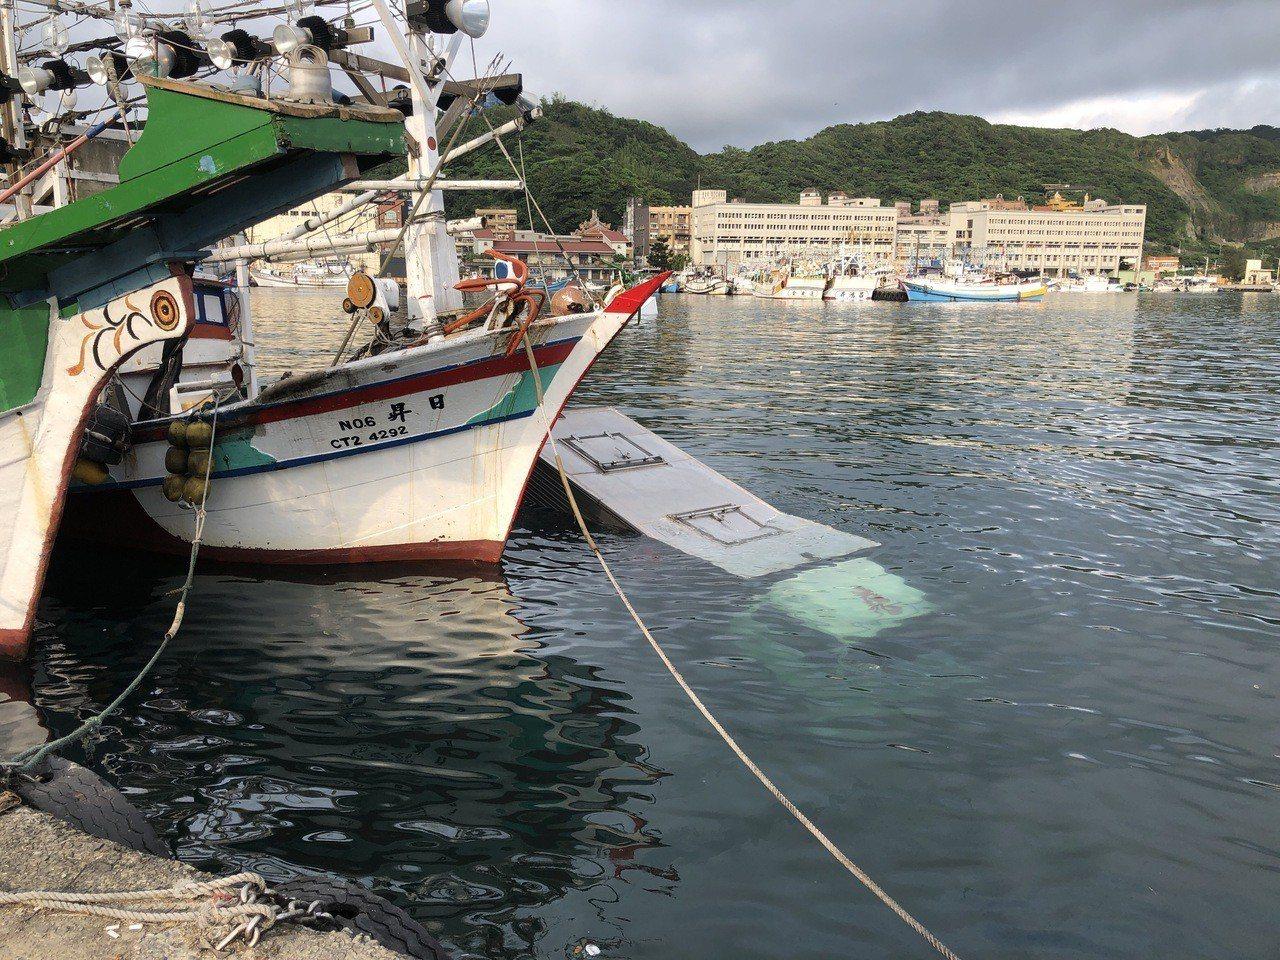 八斗子漁港今天早上穿出有三輛車落海。圖/基隆區漁會提供